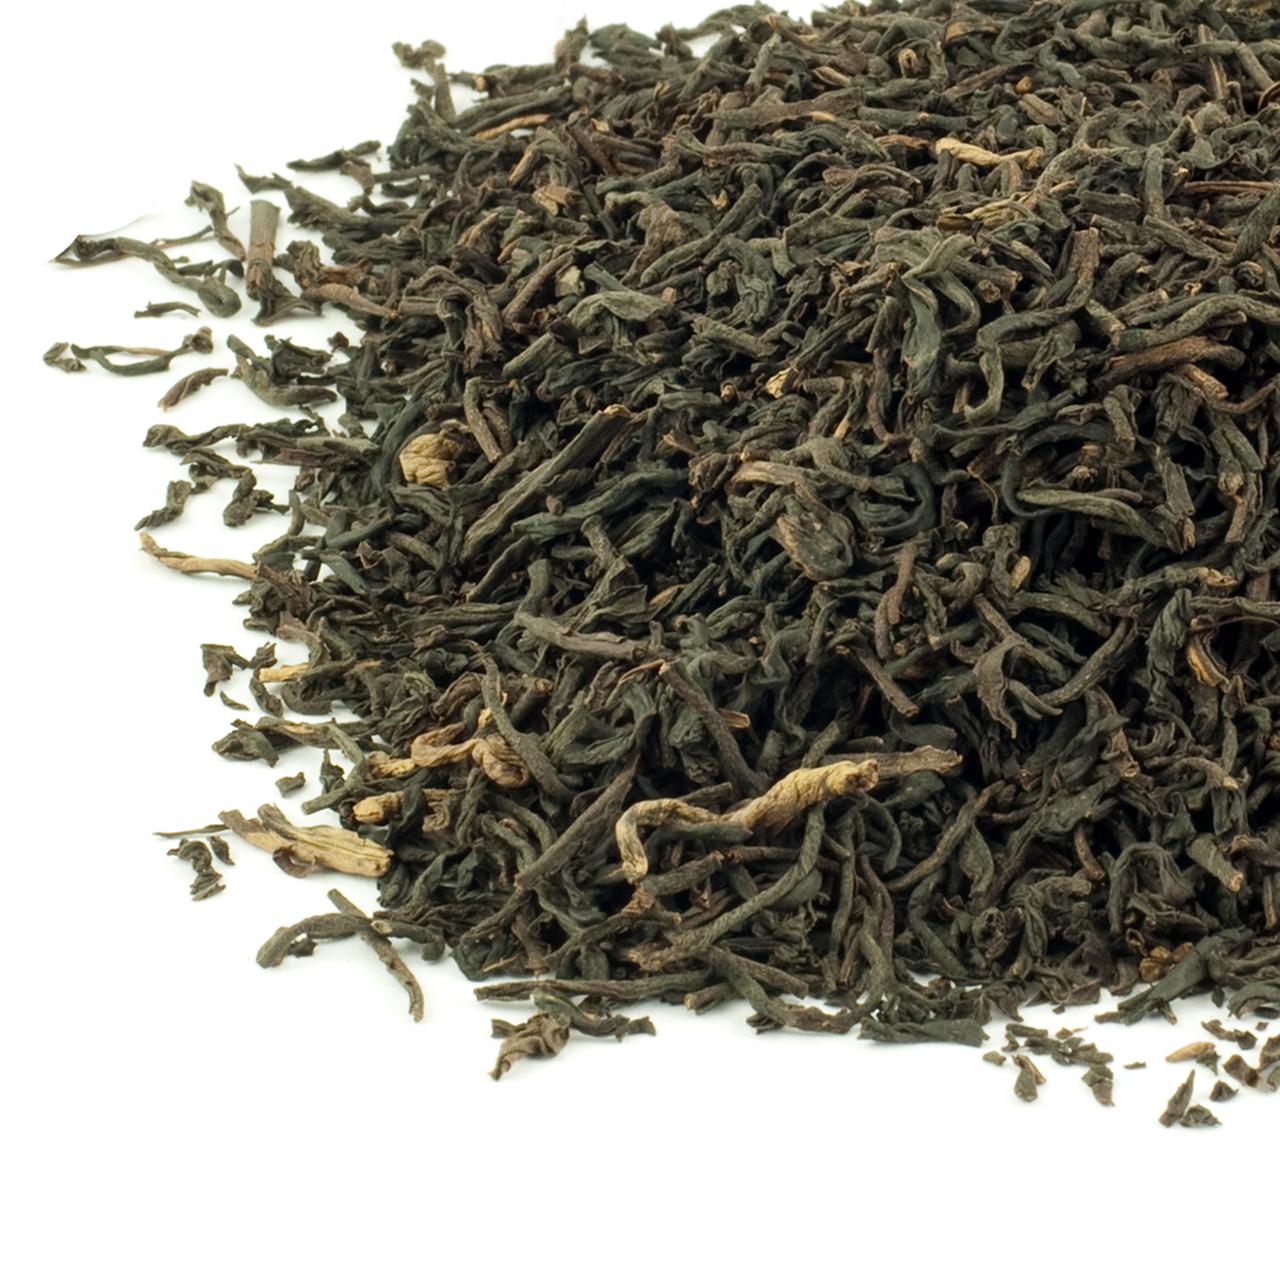 Loose Leaf Tea - Decaffeinated English Breakfast